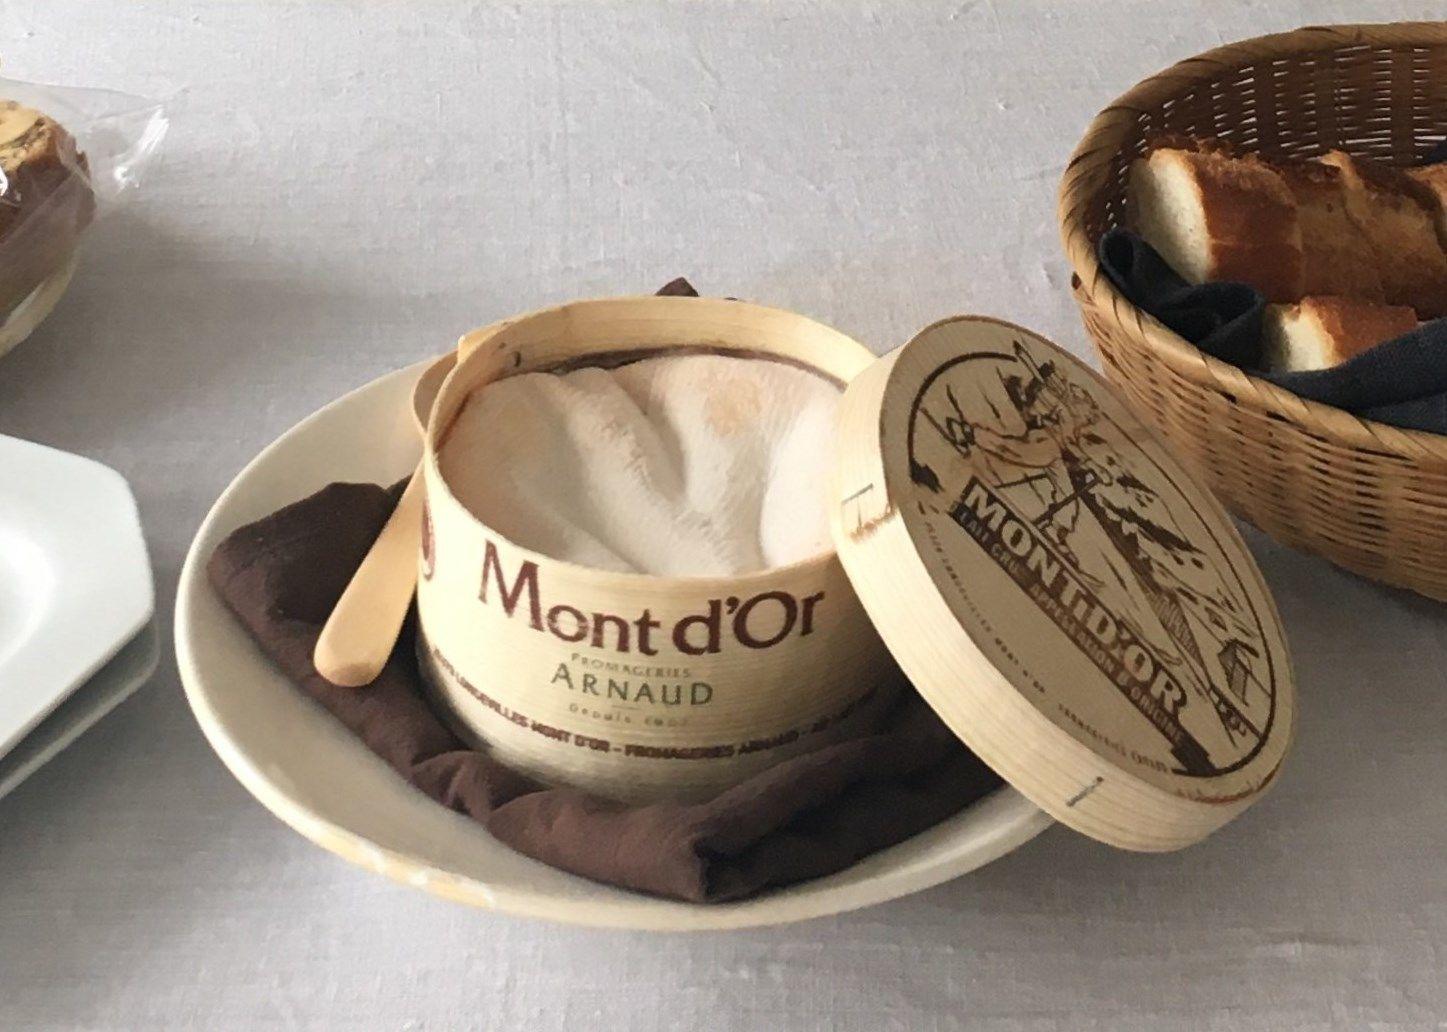 冬を告げるギフト「モンドール 木製スプーン付」 ※お召し上がりの日に合わせ食べ頃をセレクトします